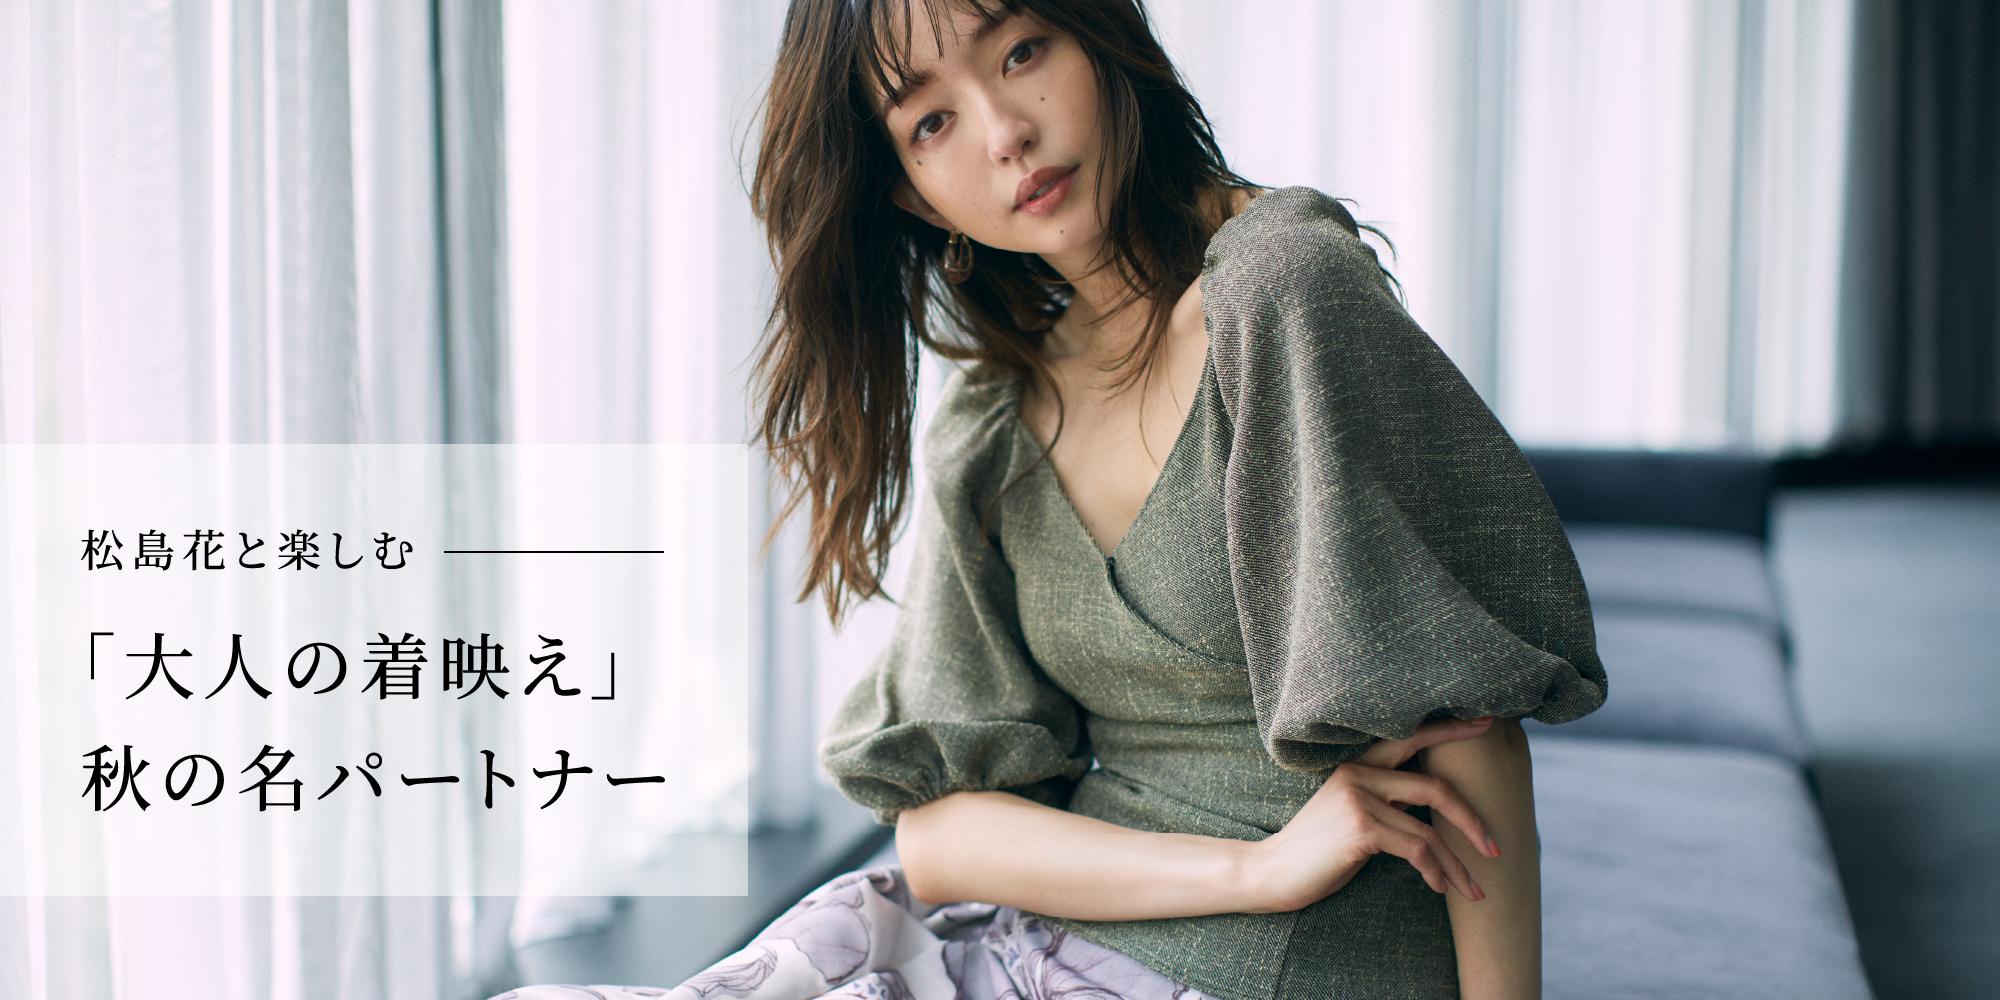 松島花と楽しむ 「大人の着映え」秋の名パートナー